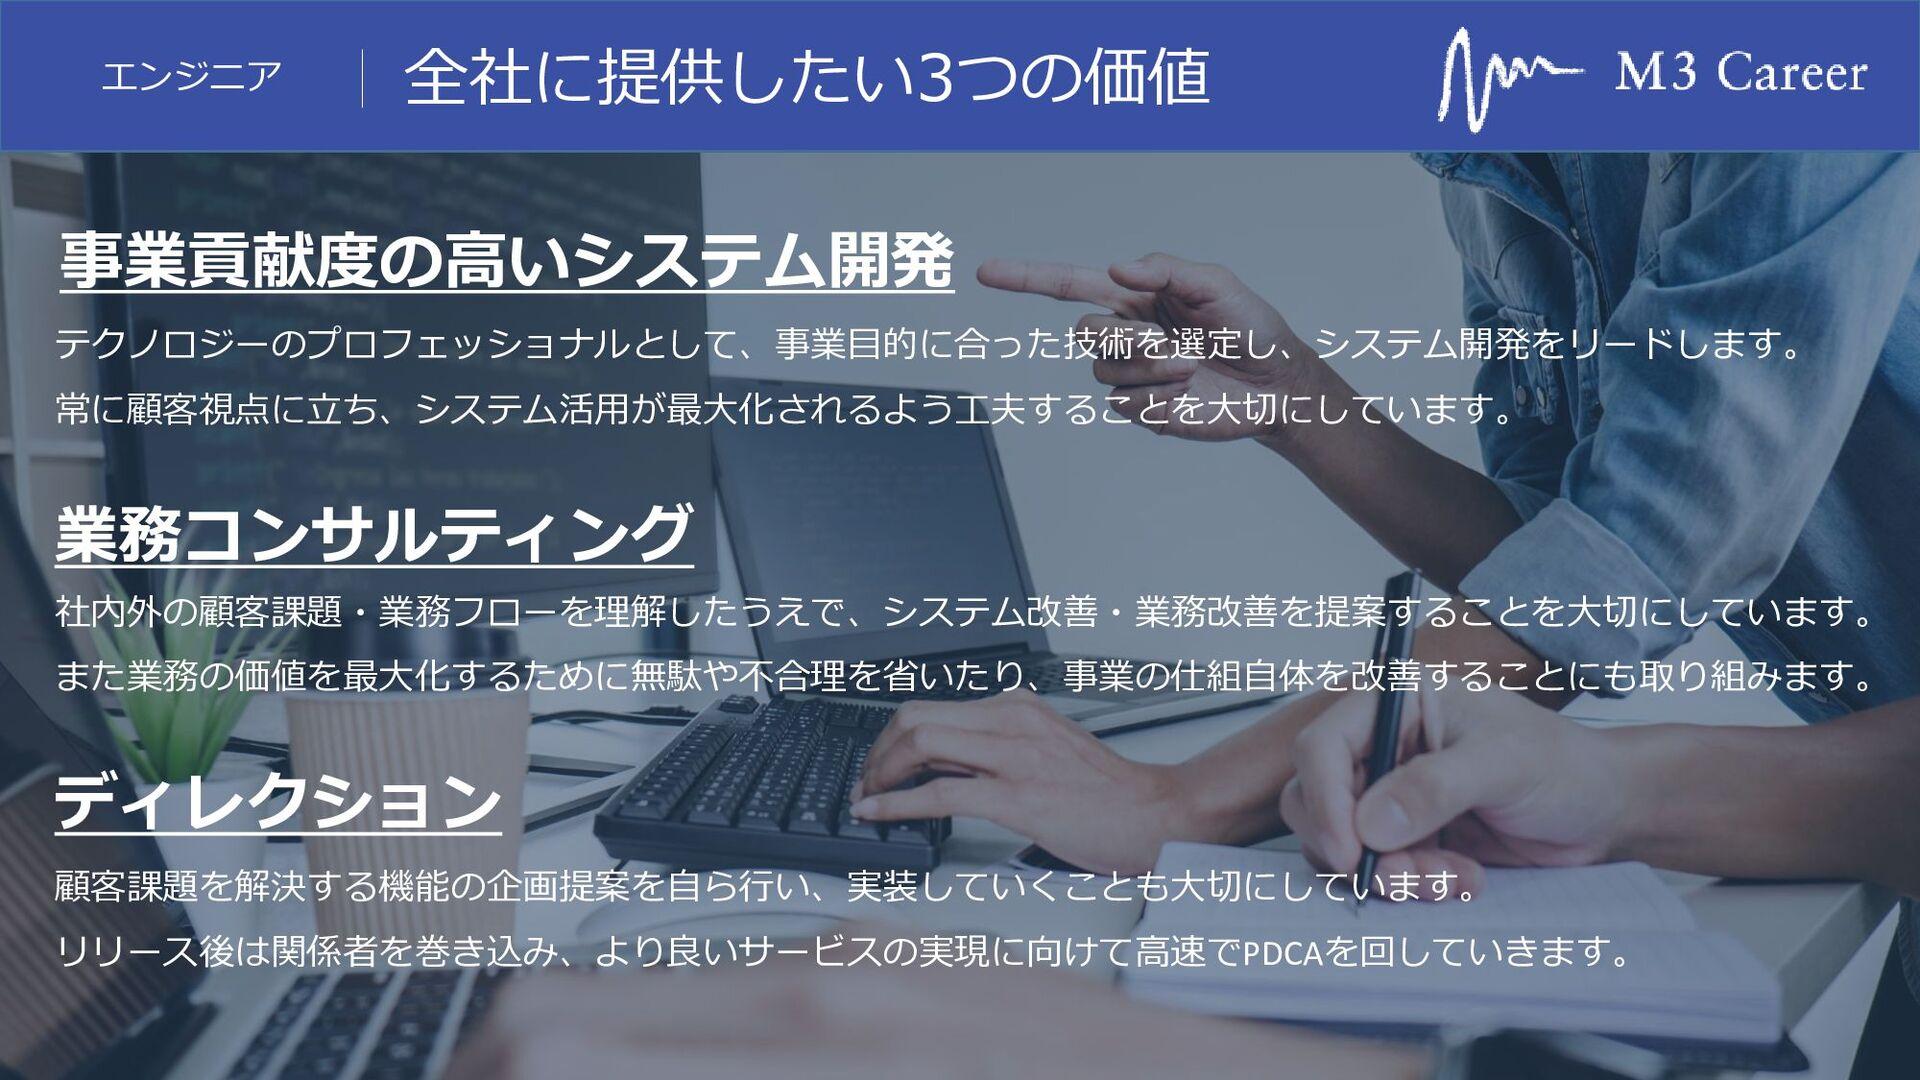 私たちについて 売上の推移 135億円 FY11 FY12 FY13 FY14 FY15 FY...